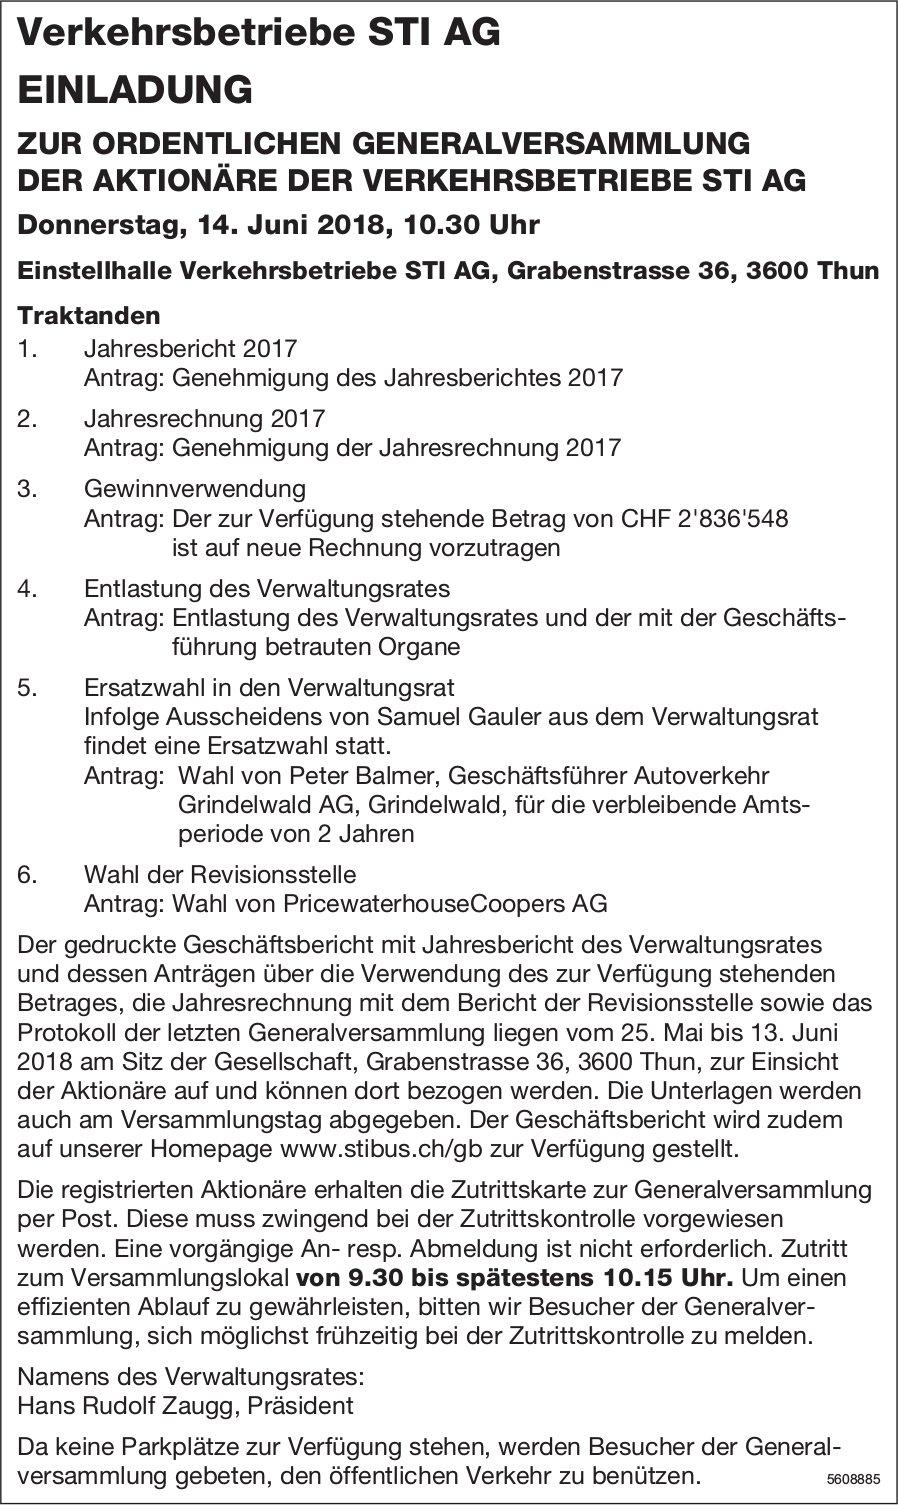 Einladung, ordentliche Generalversammlung, Verkehrsbetriebe STI AG, 14. Juni, Thun